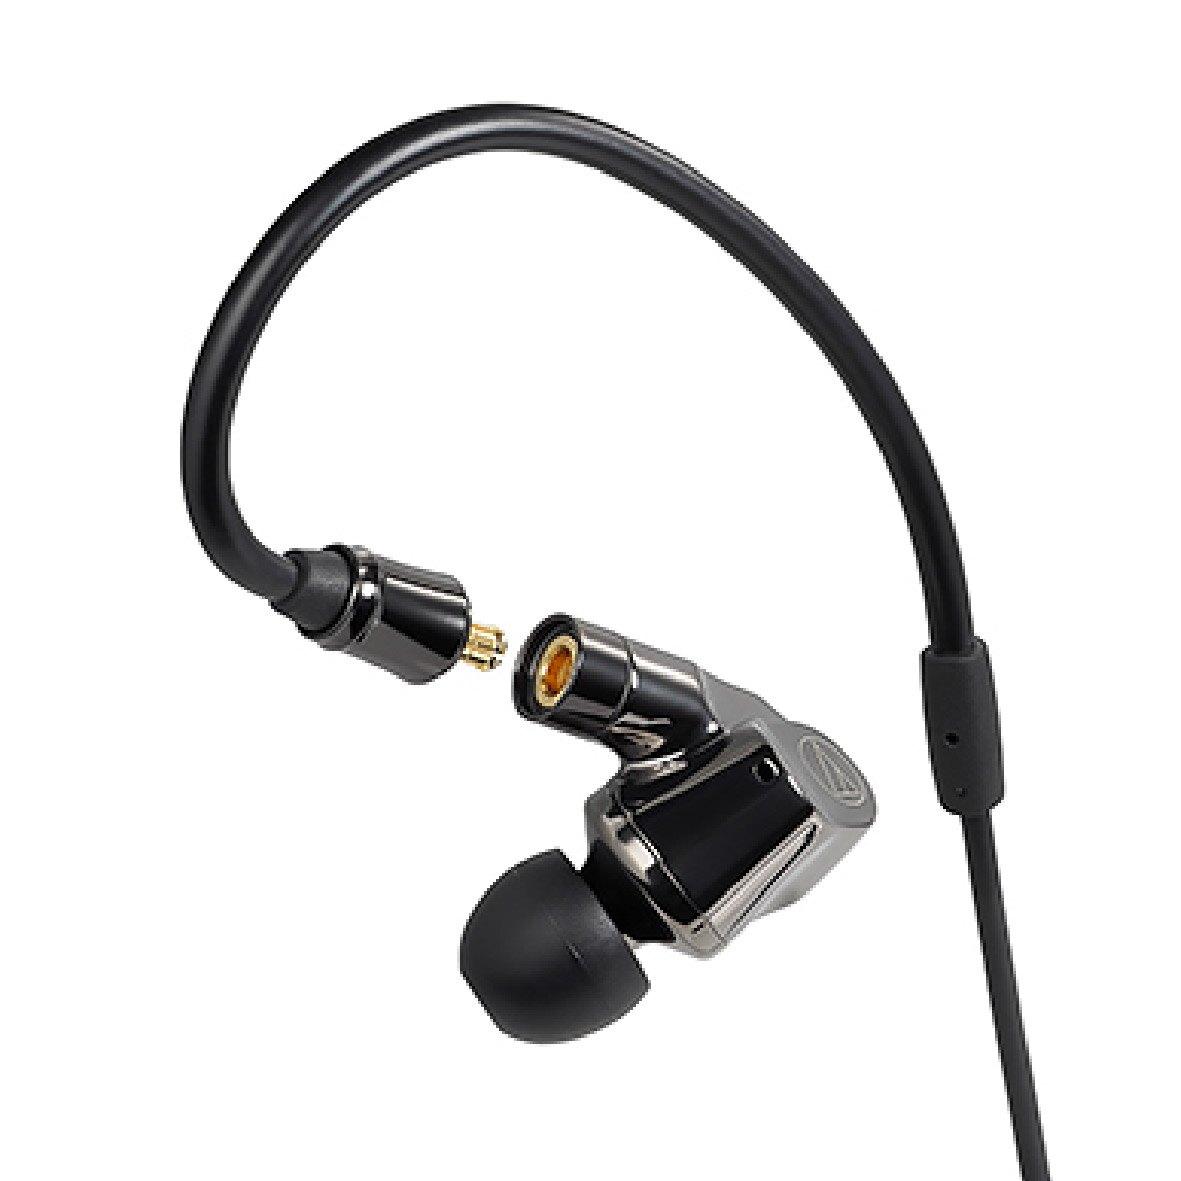 鐵三角 ATH-IEX1 黑色 平衡電樞與被動輻射器耳道 入耳式耳機    金曲音響